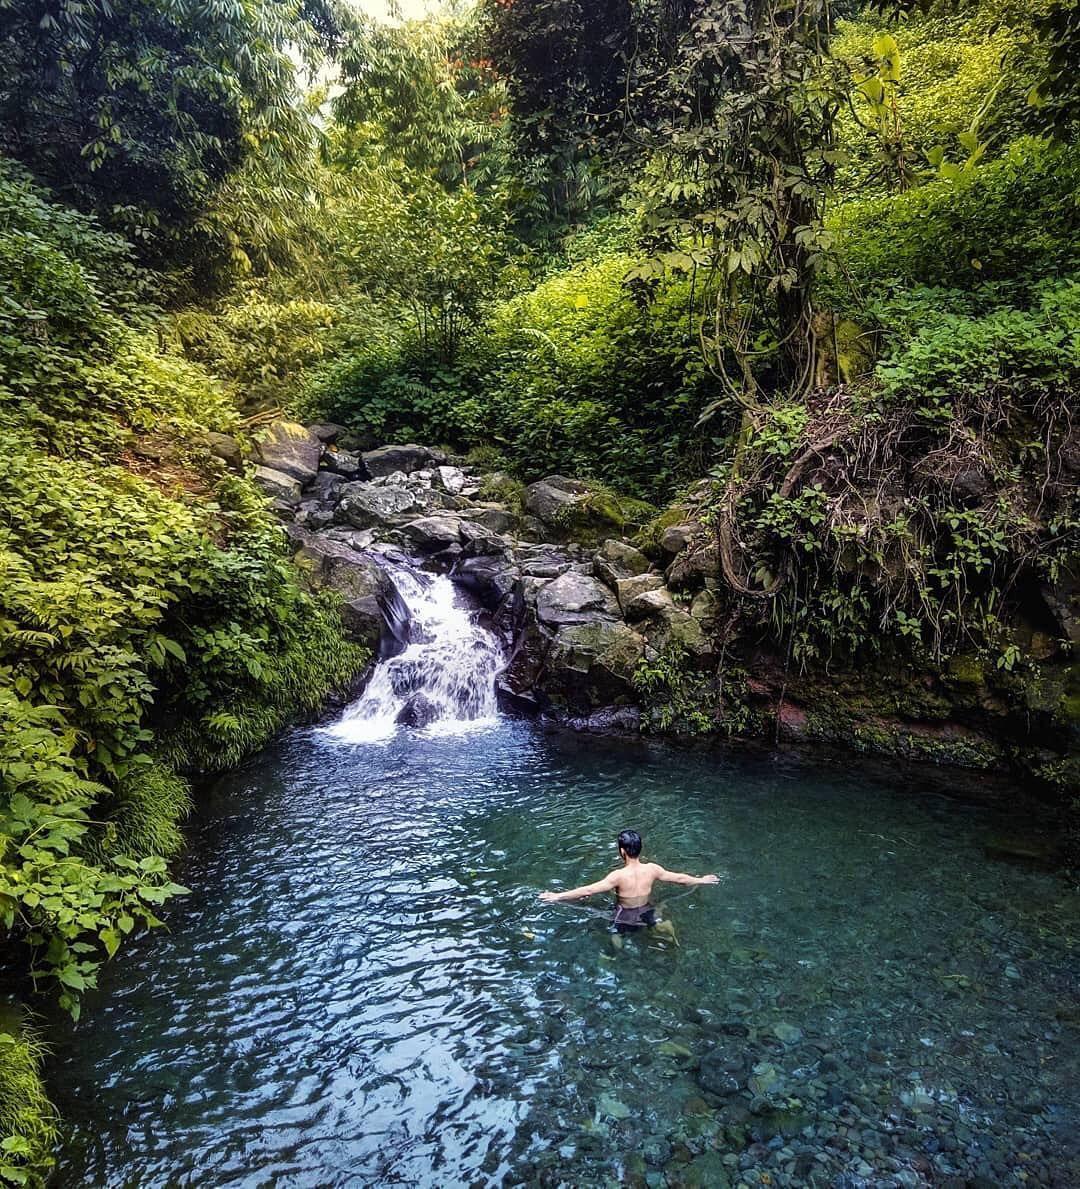 Tempat Ini Memang Sangat Indah Airnya Pun Cukup Dangkal Dan Bening Hingga Tembus Ke Dasar Air Sejuknya Jangan Di Tanya Yang Pasti In 2020 Instagram Indonesia Outdoor